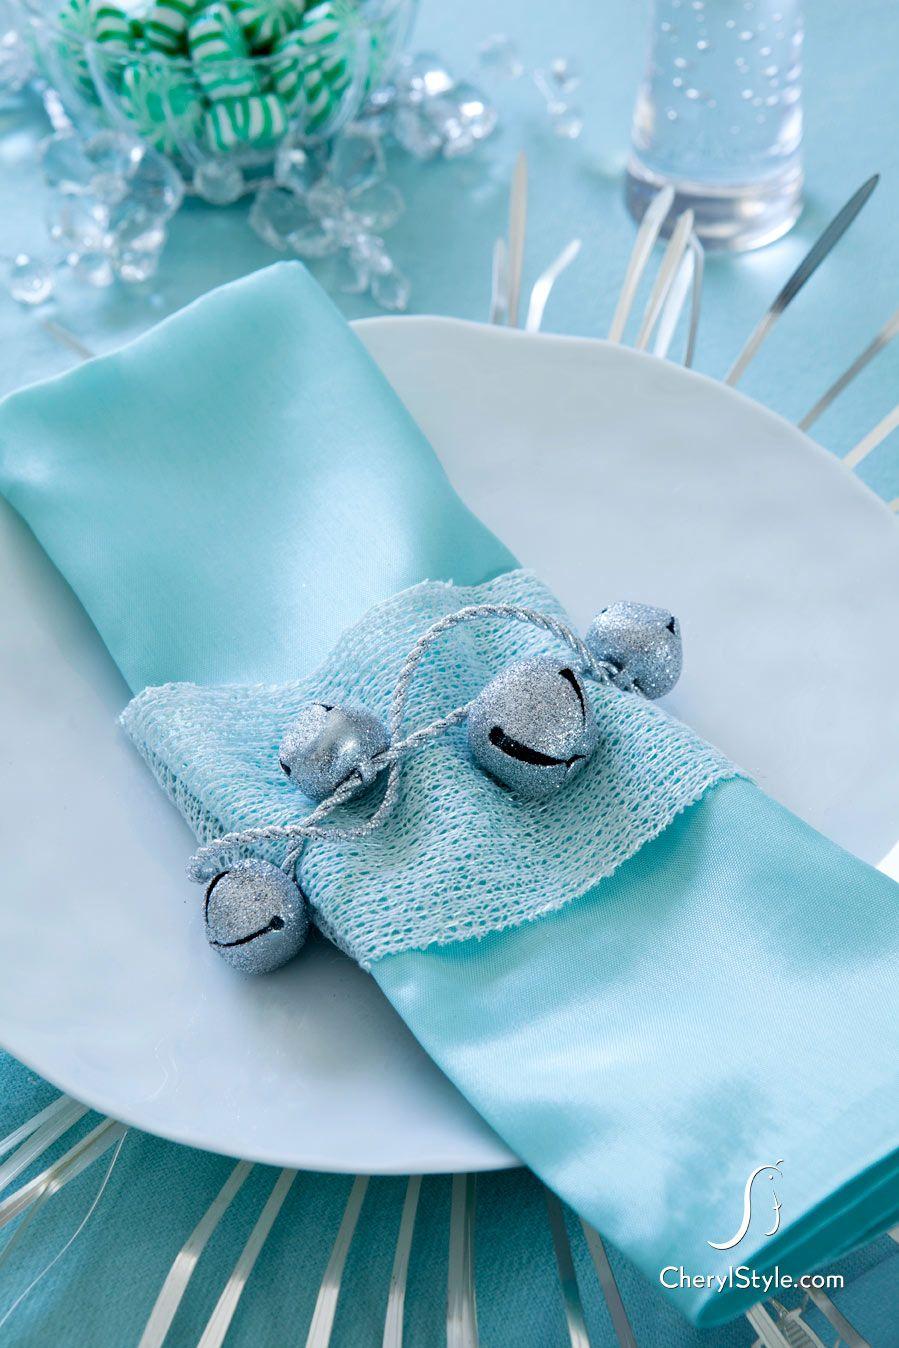 Unique holiday napkin ideas   Tisch dekorationen, Neue jahr und Türkis